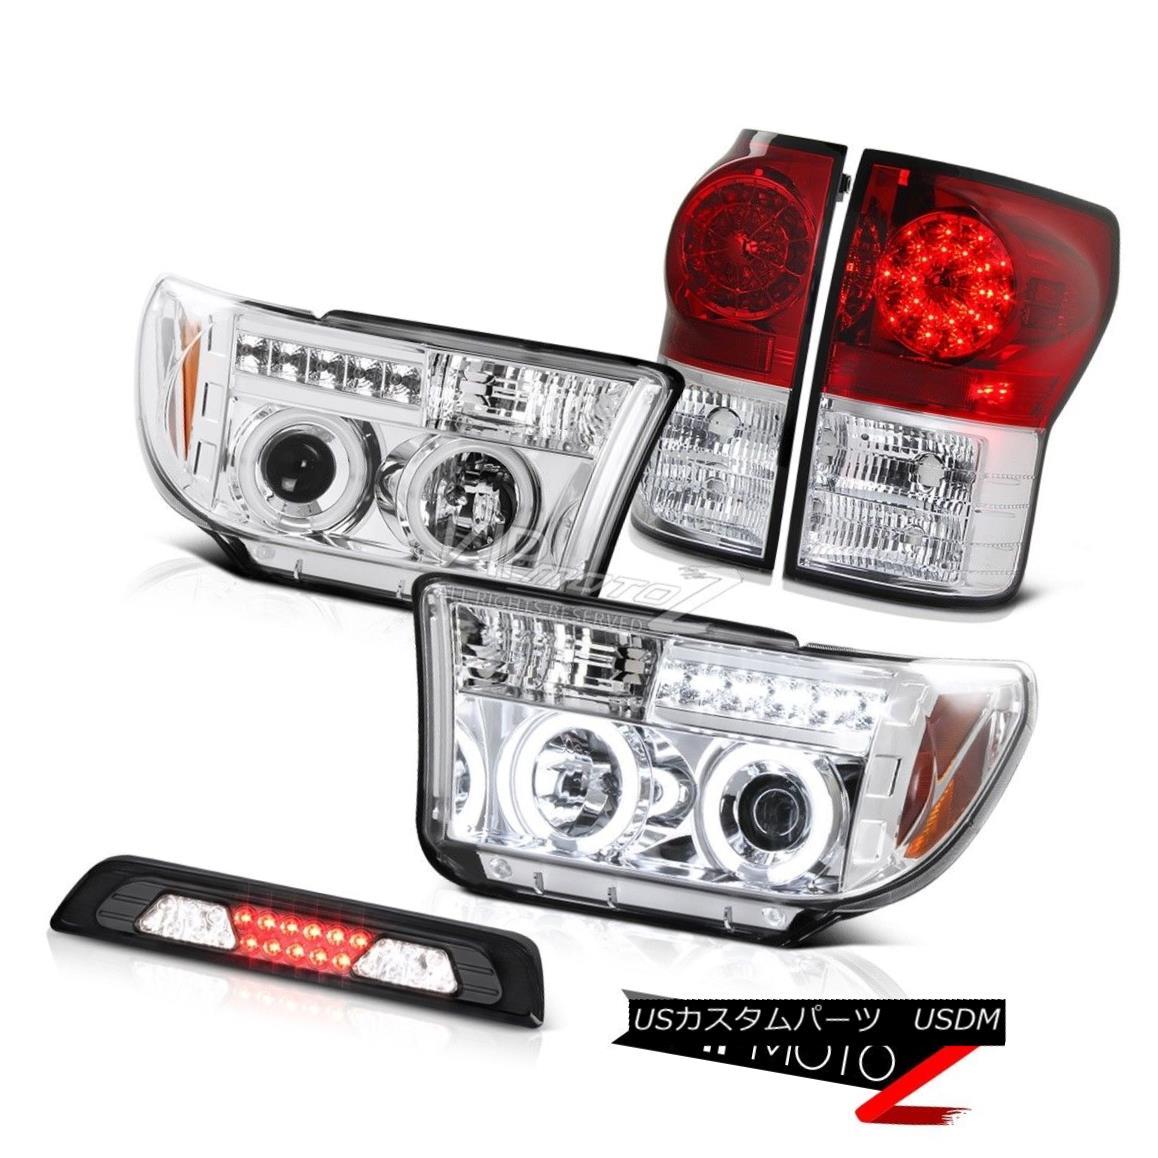 テールライト 07-13 Toyota Tundra Limited Smokey Third Brake Lamp Headlights Tail Lights LED 07-13 Toyota Tundra Limited Smokey ThirdブレーキランプヘッドライトテールライトLED